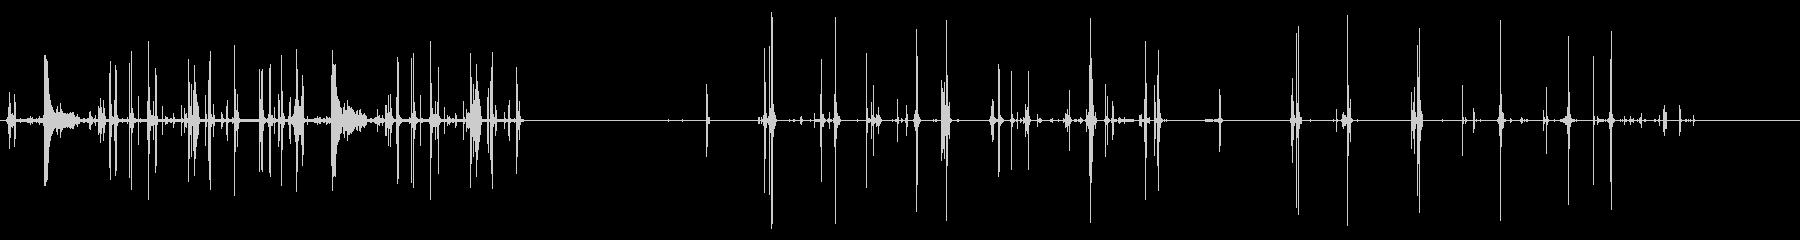 ロードシェル、プッシュボルト、ロー...の未再生の波形